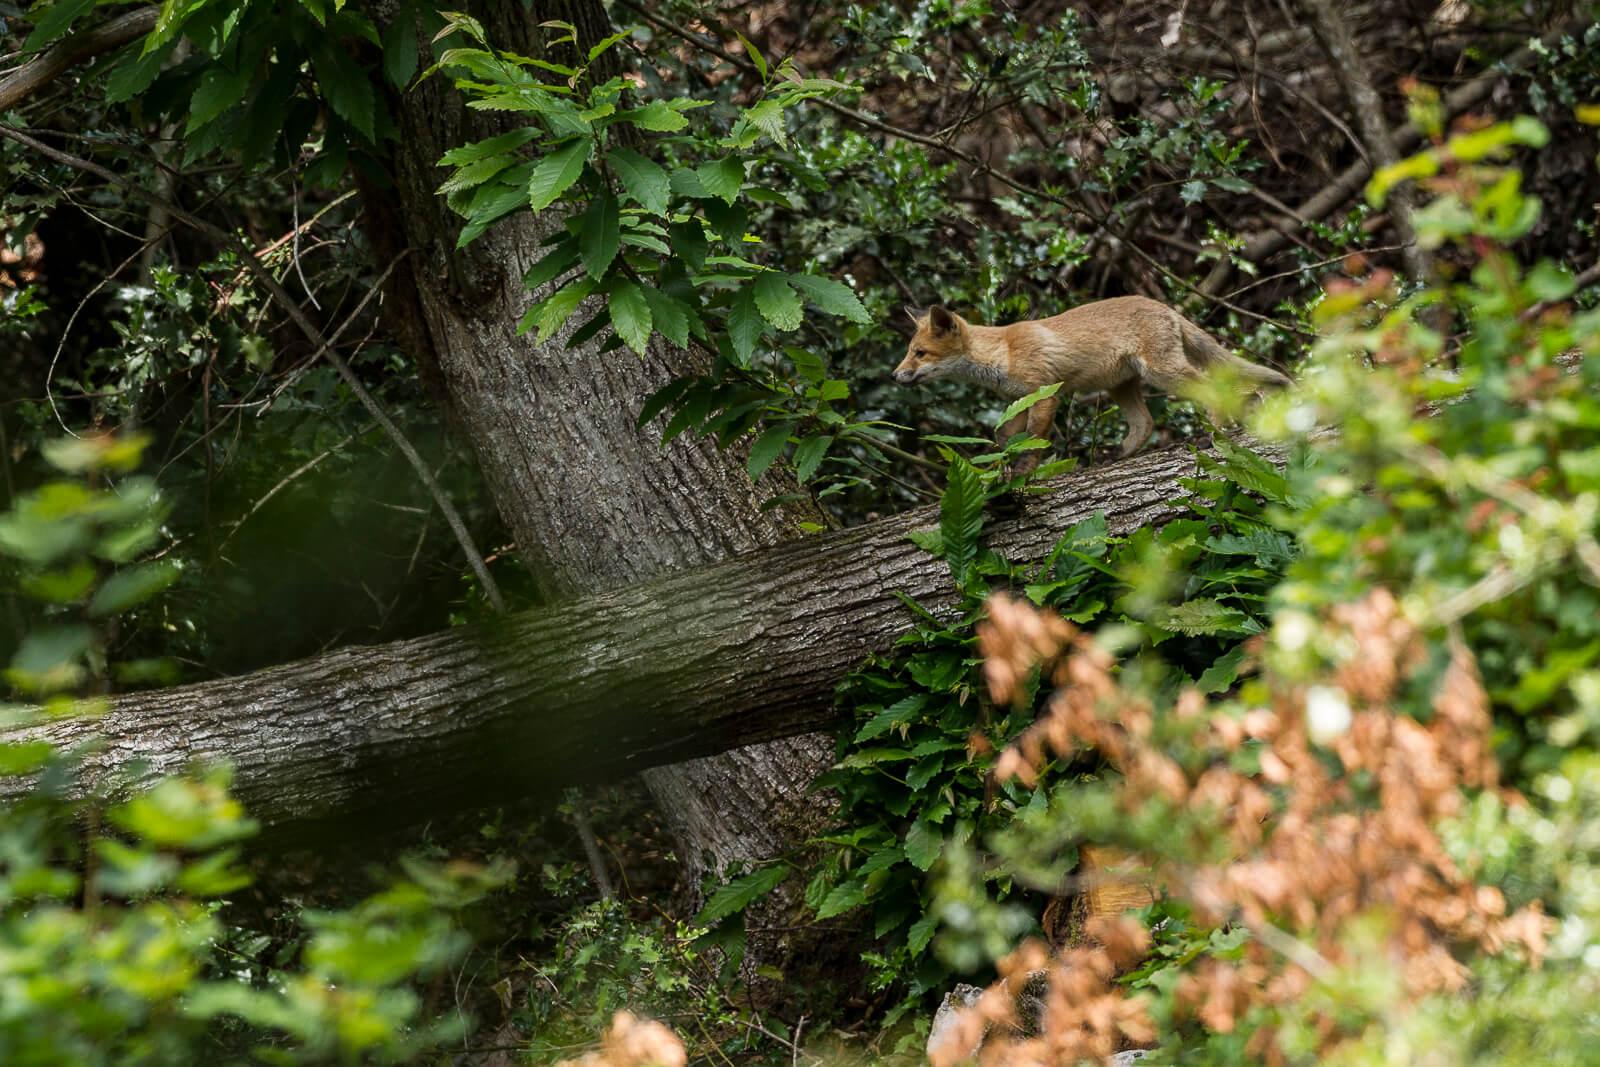 Voir des animaux sauvages dans la forêt, le renard